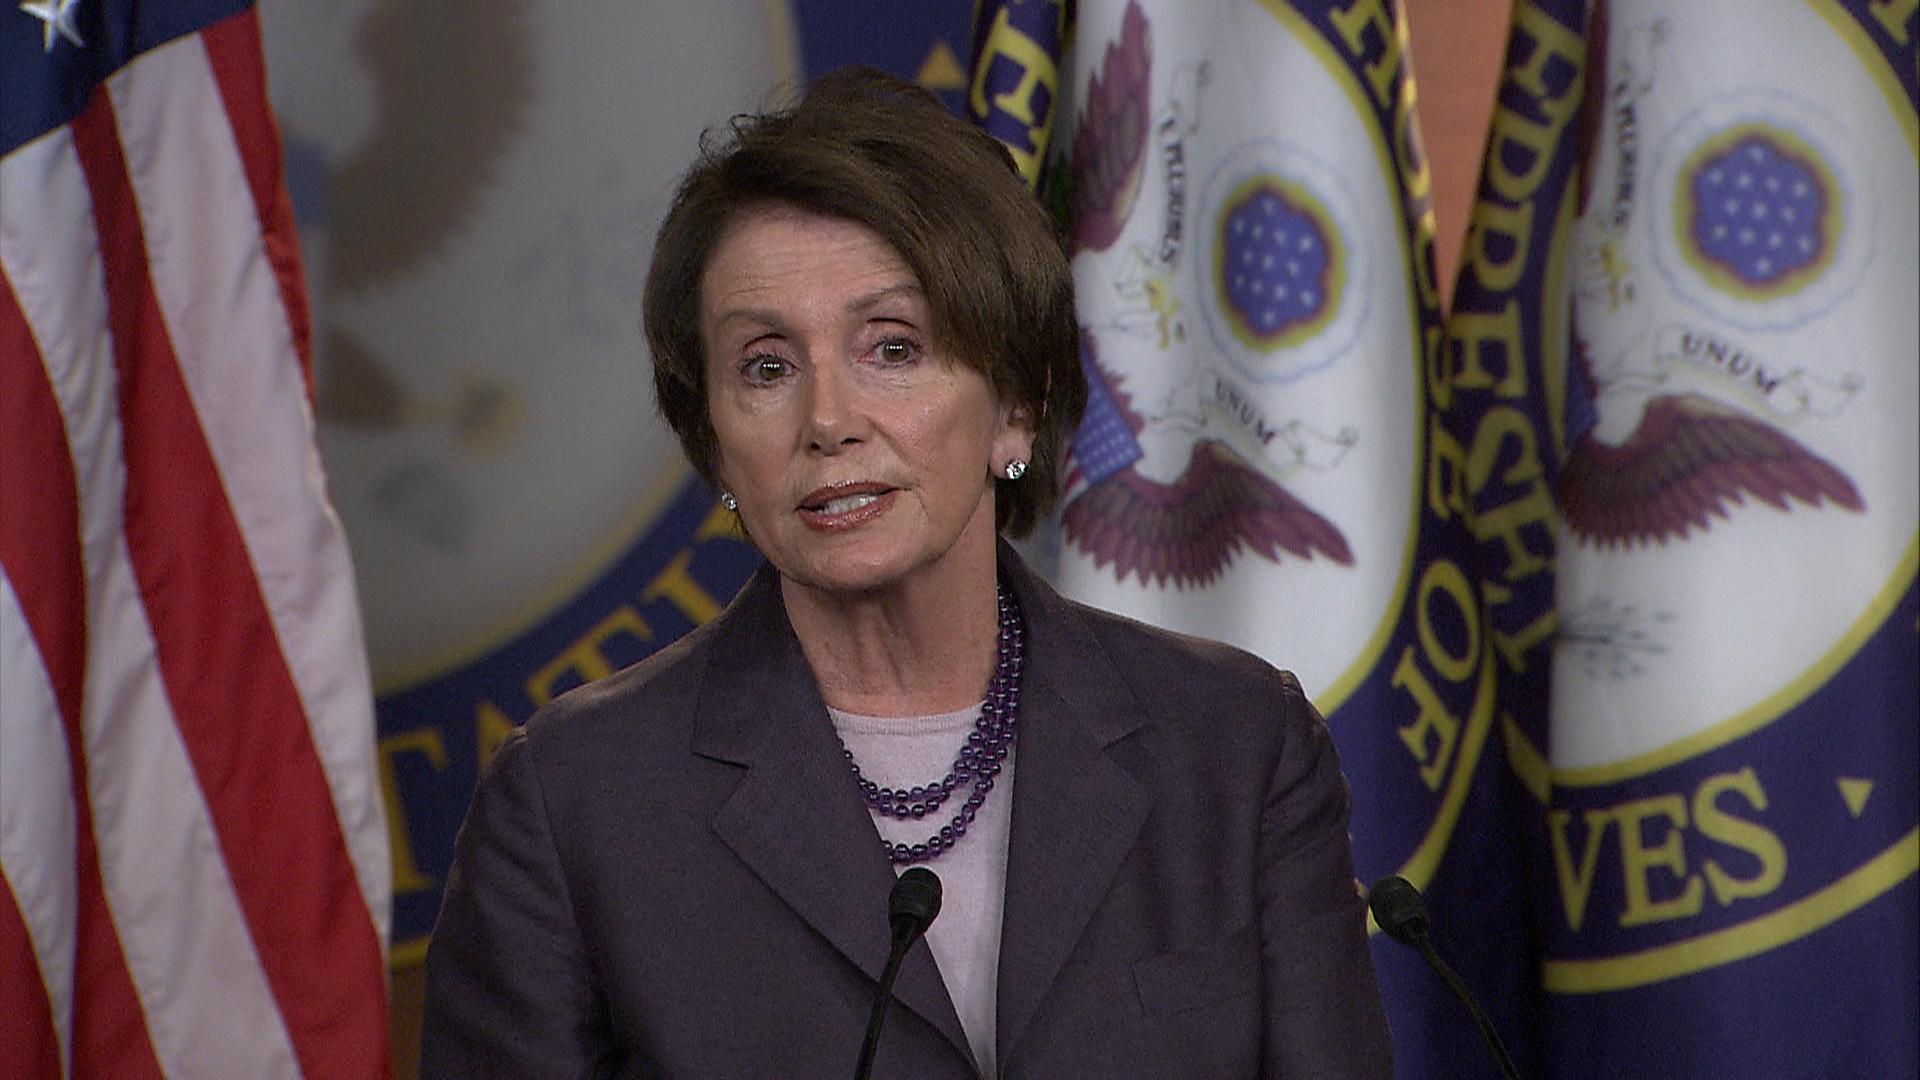 Pelosi speaks on Benghazi